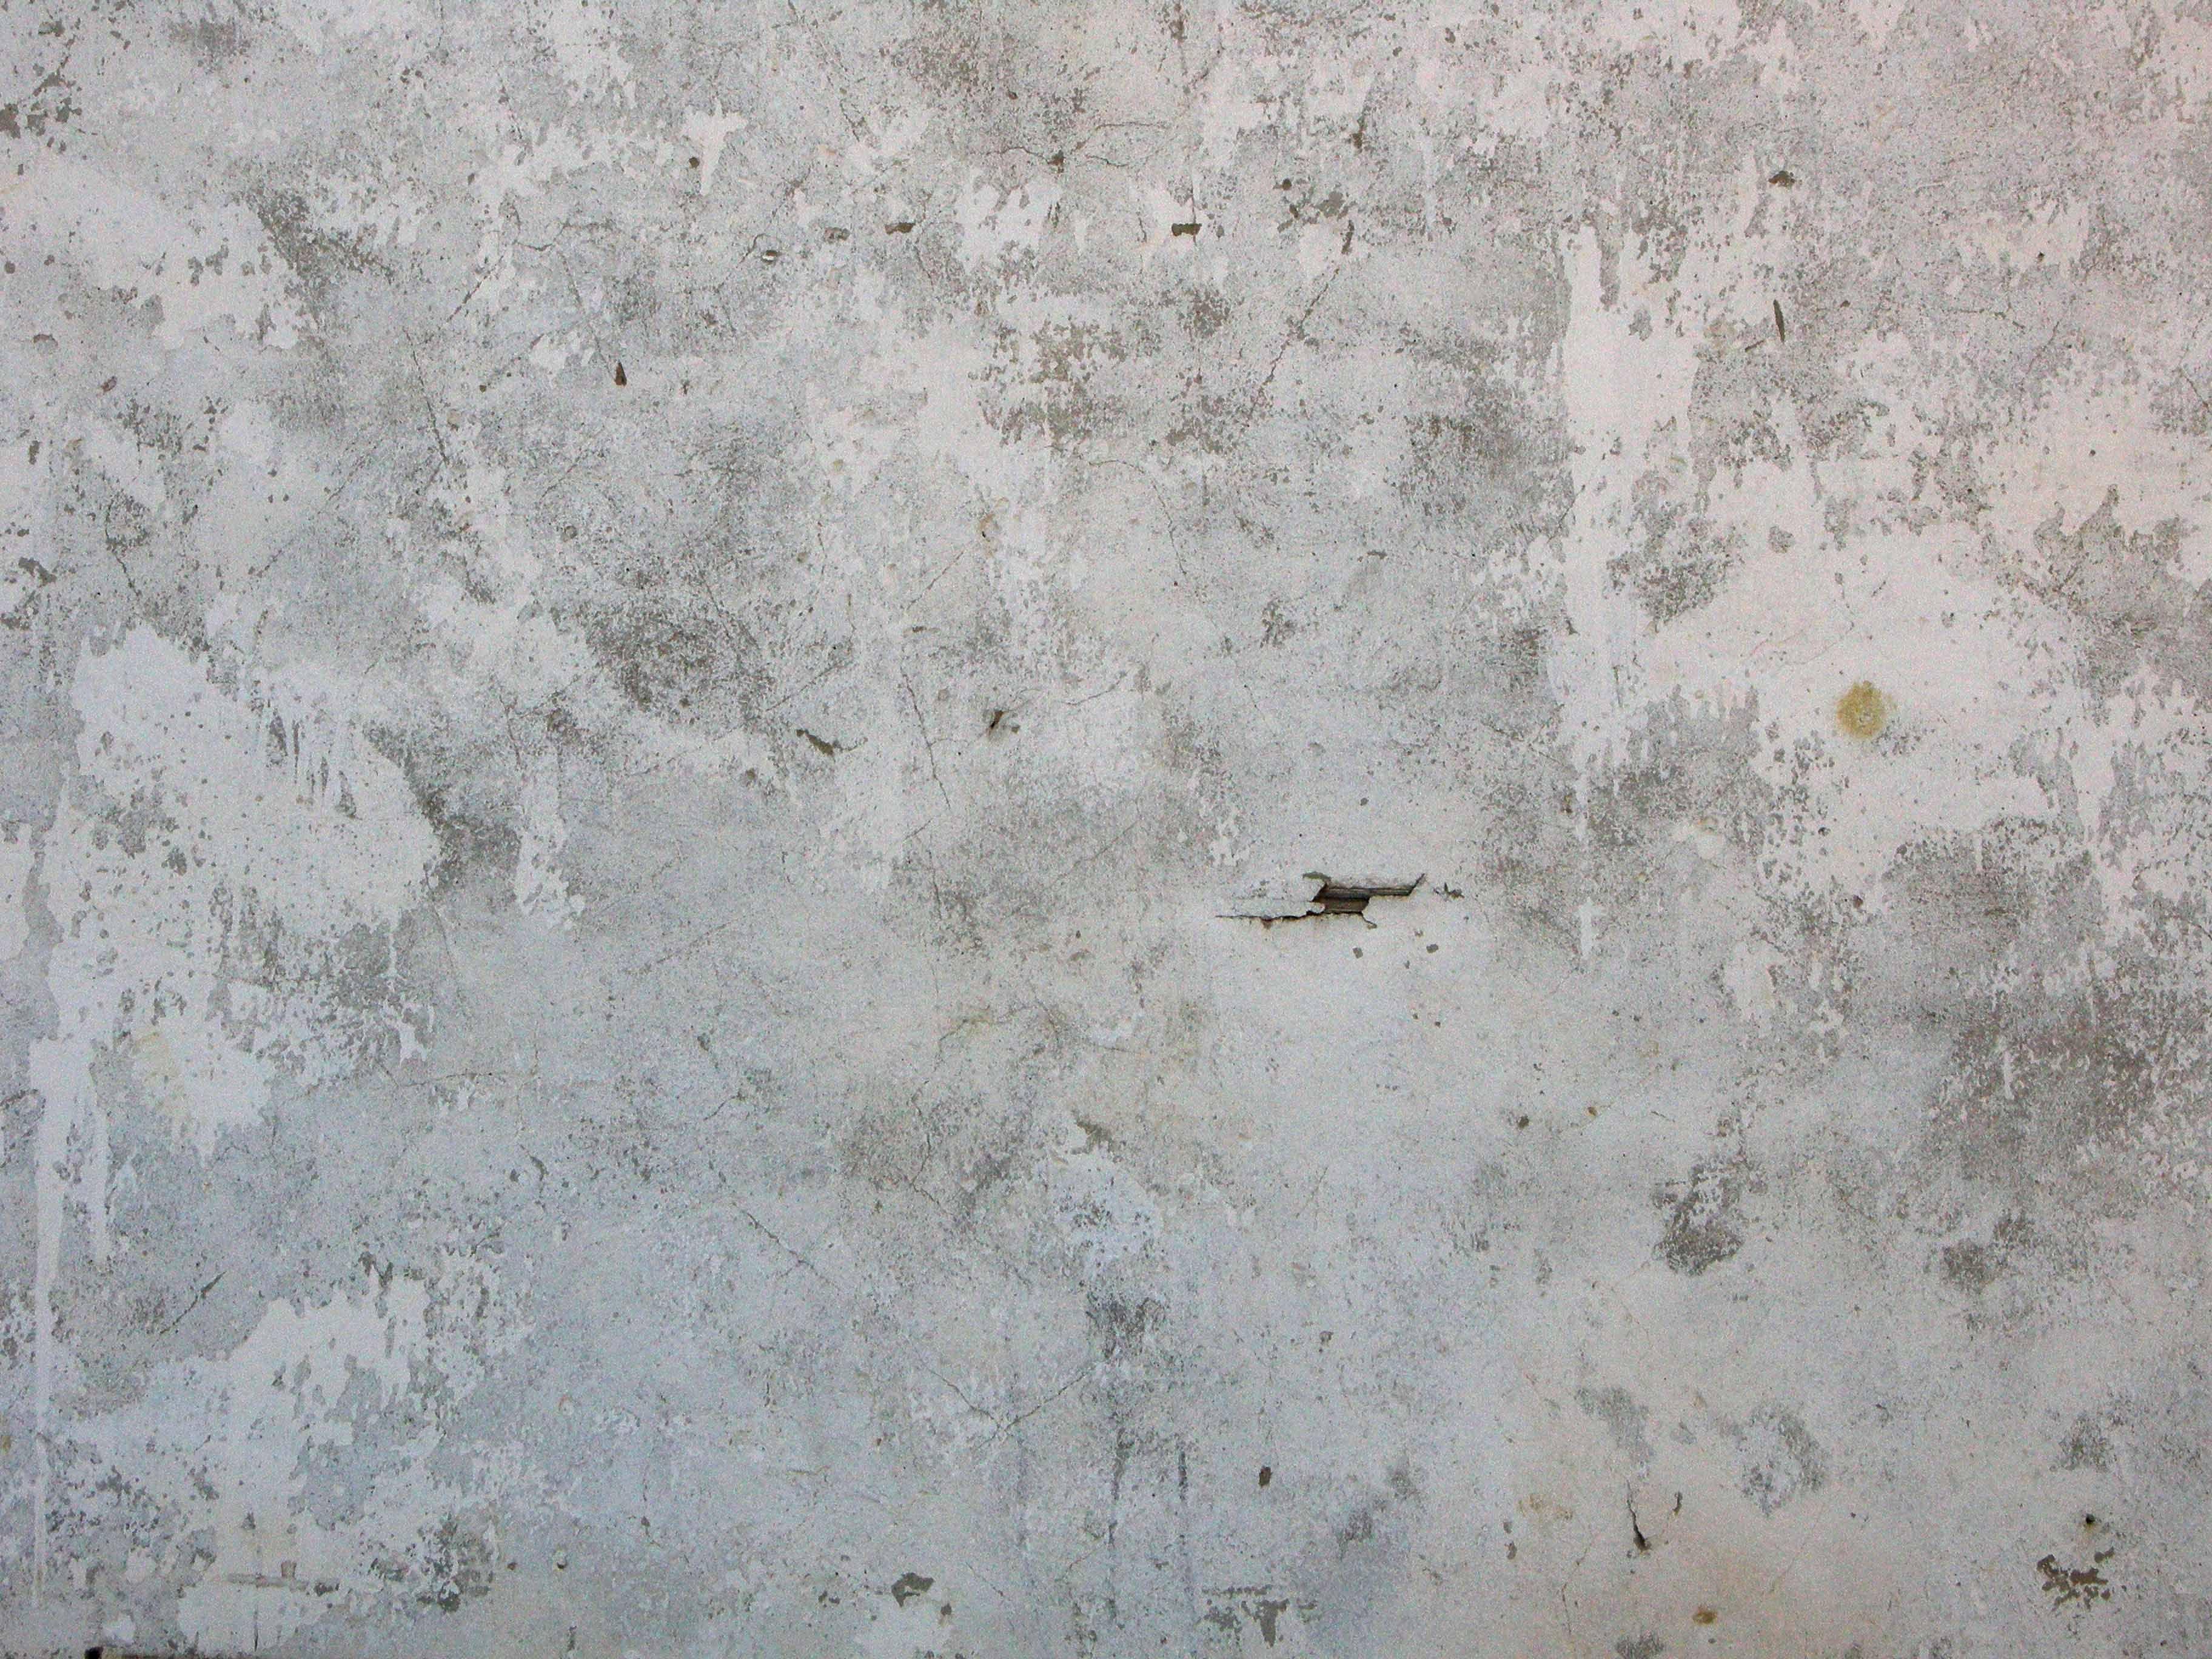 Concrete Walls Cement Walls Concrete Wall Texture Texture